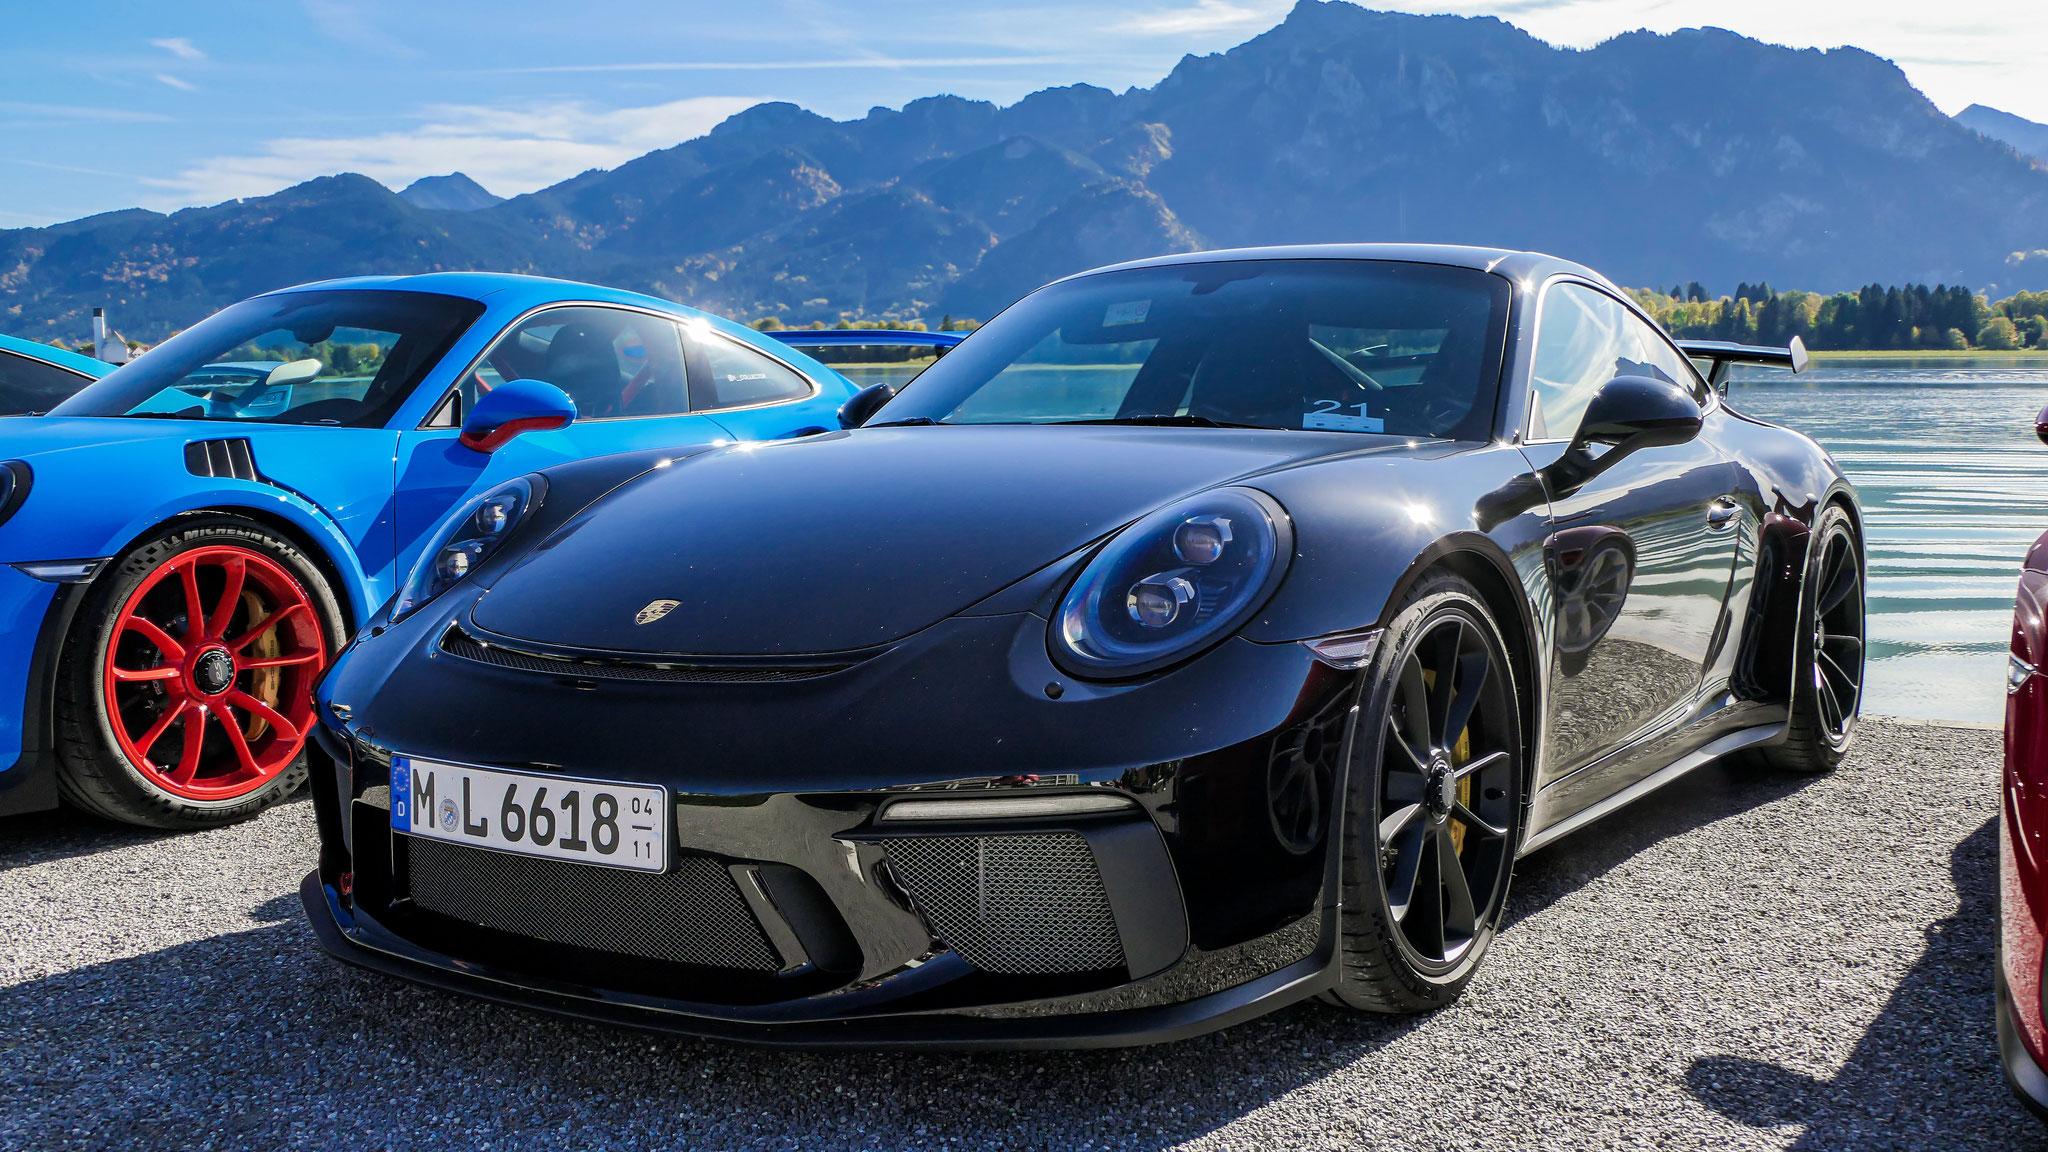 Porsche 991 GT3 - M-L-6618